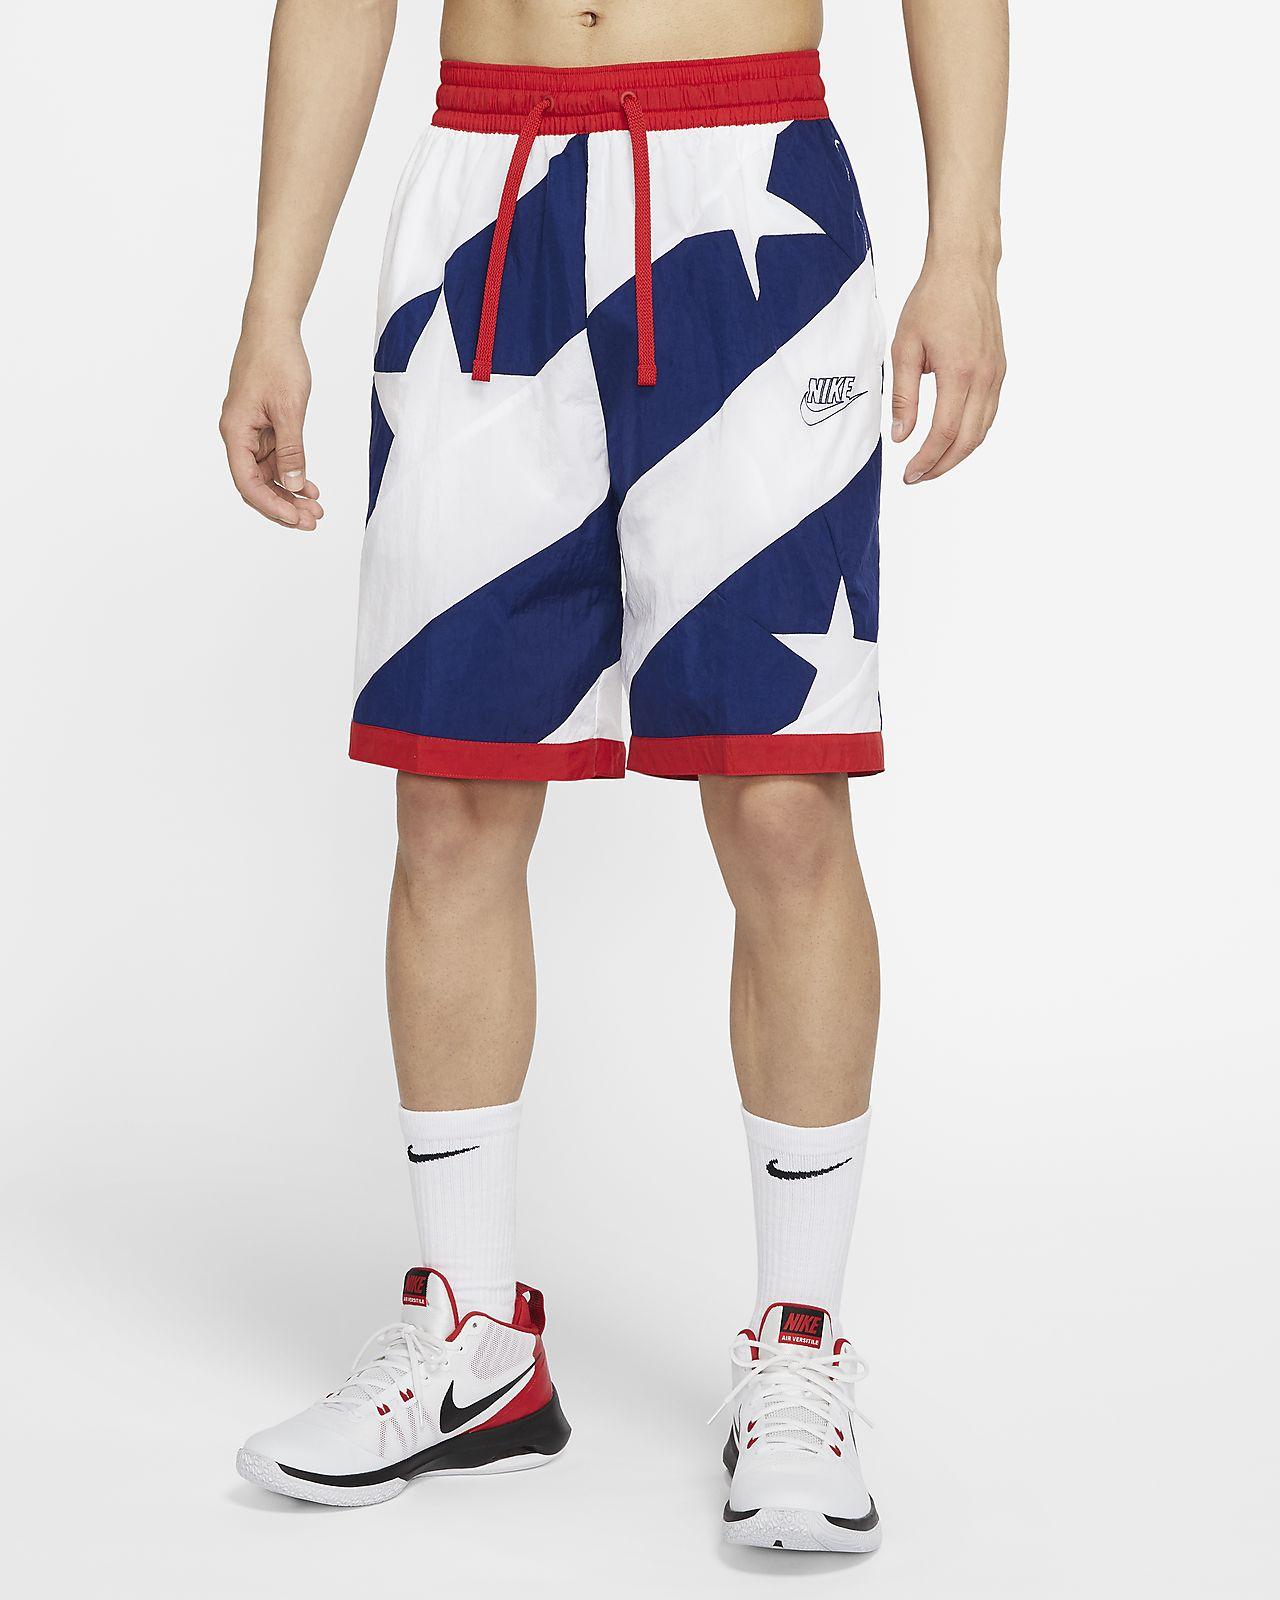 กางเกงบาสเก็ตบอลขาสั้นผู้ชาย Nike Dri-FIT Throwback